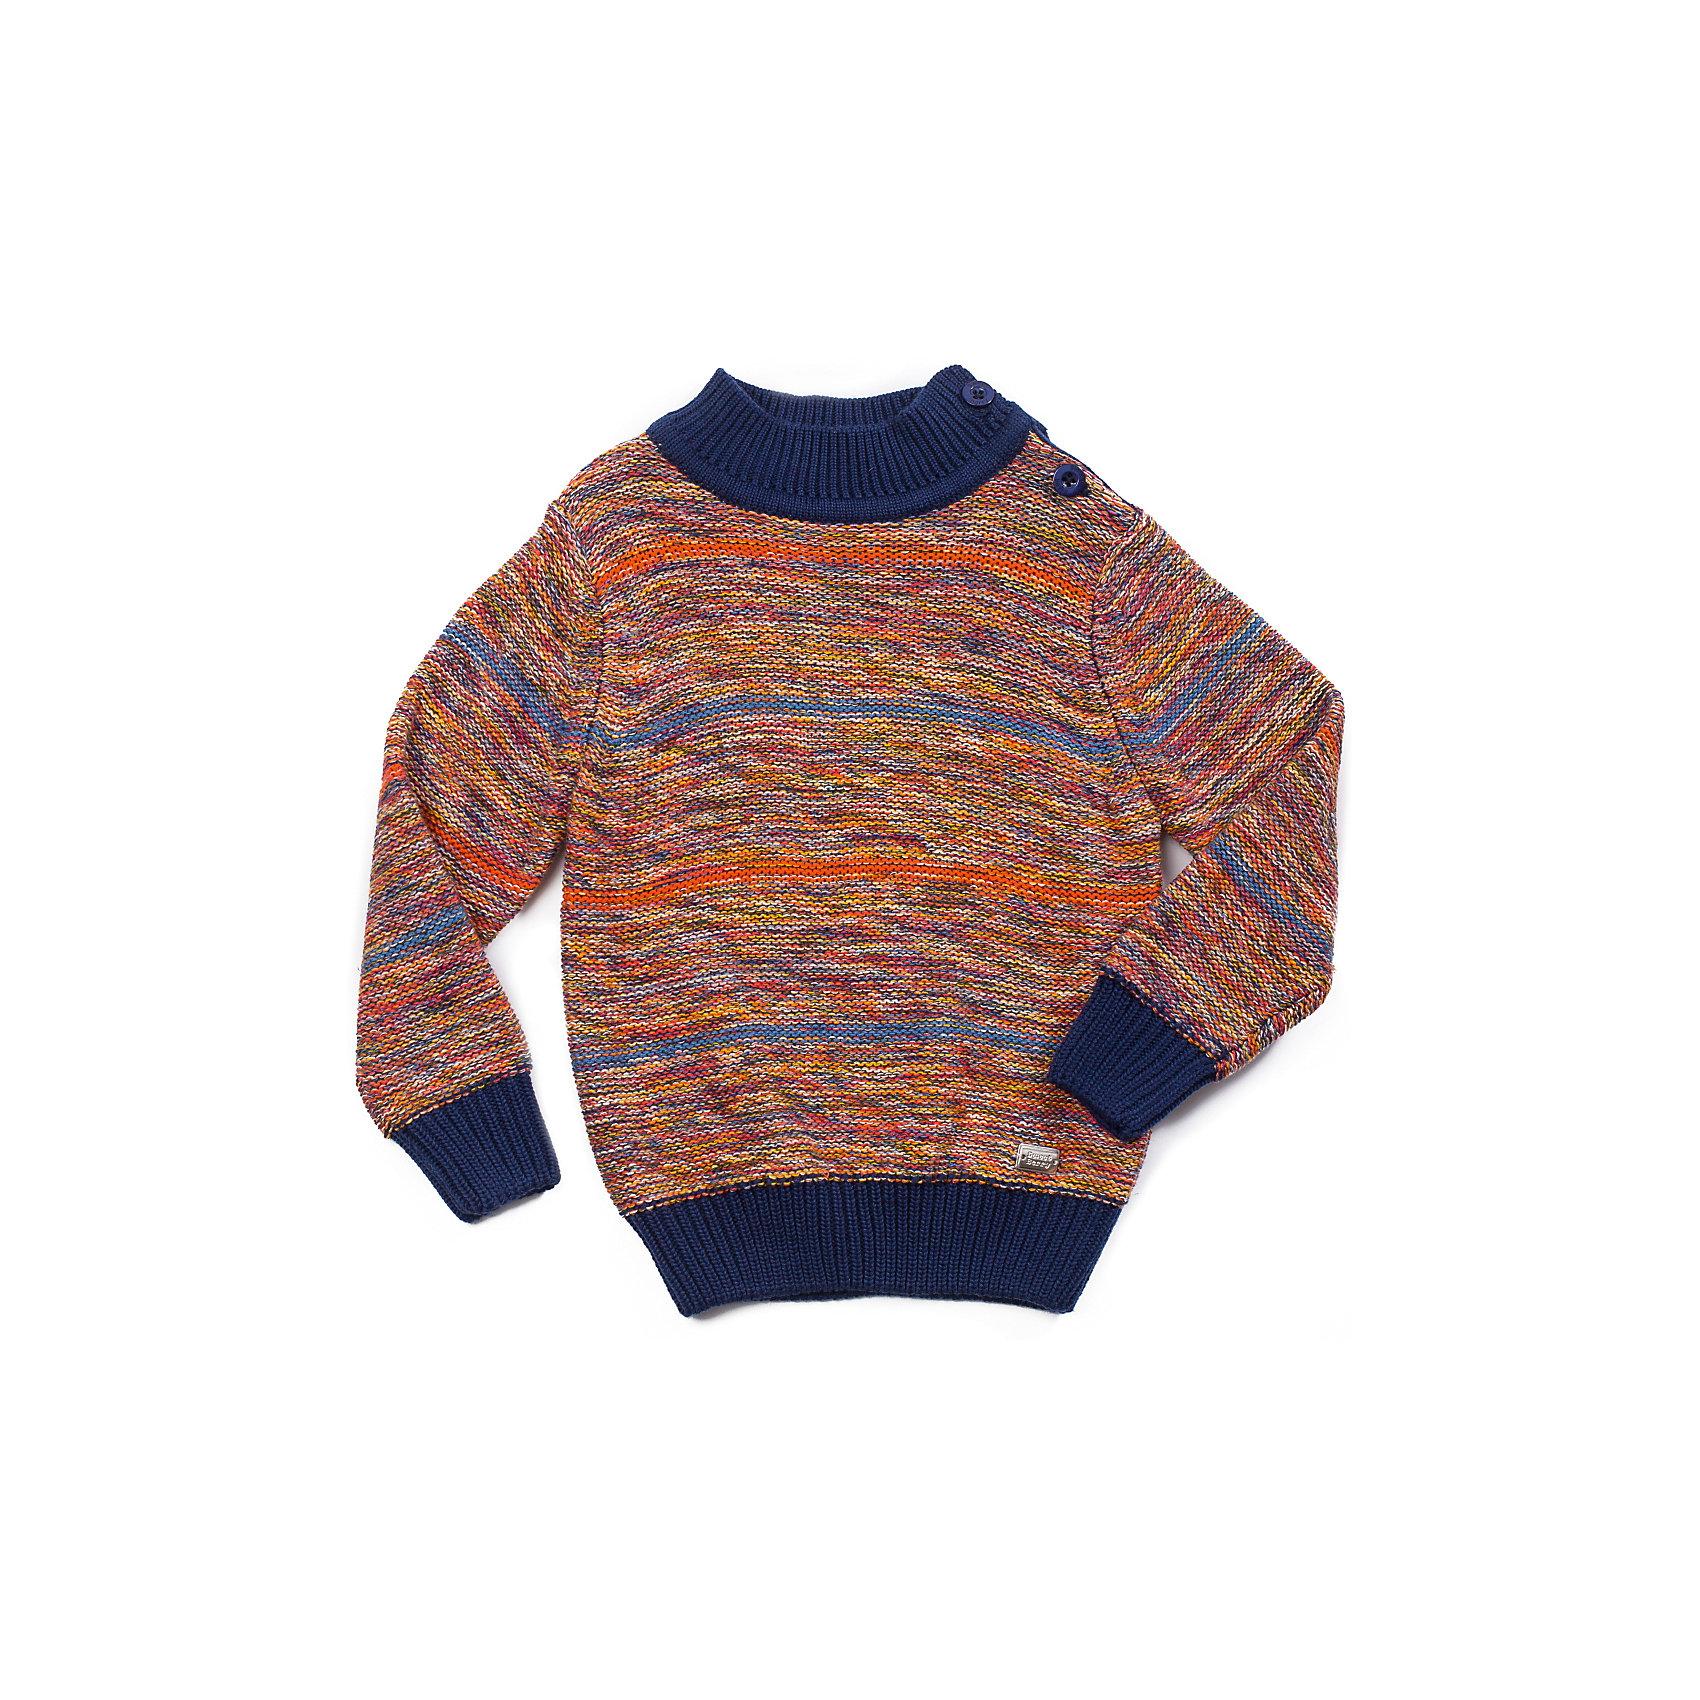 Свитер для мальчика Sweet BerryСвитер для мальчика с модным цветным меланжевым переплетением. Застежка по горловине для комфортного одевания.<br>Состав:<br>60% хлопок, 40% акрил<br><br>Ширина мм: 190<br>Глубина мм: 74<br>Высота мм: 229<br>Вес г: 236<br>Цвет: разноцветный<br>Возраст от месяцев: 12<br>Возраст до месяцев: 18<br>Пол: Мужской<br>Возраст: Детский<br>Размер: 86,80,98,92<br>SKU: 4273247